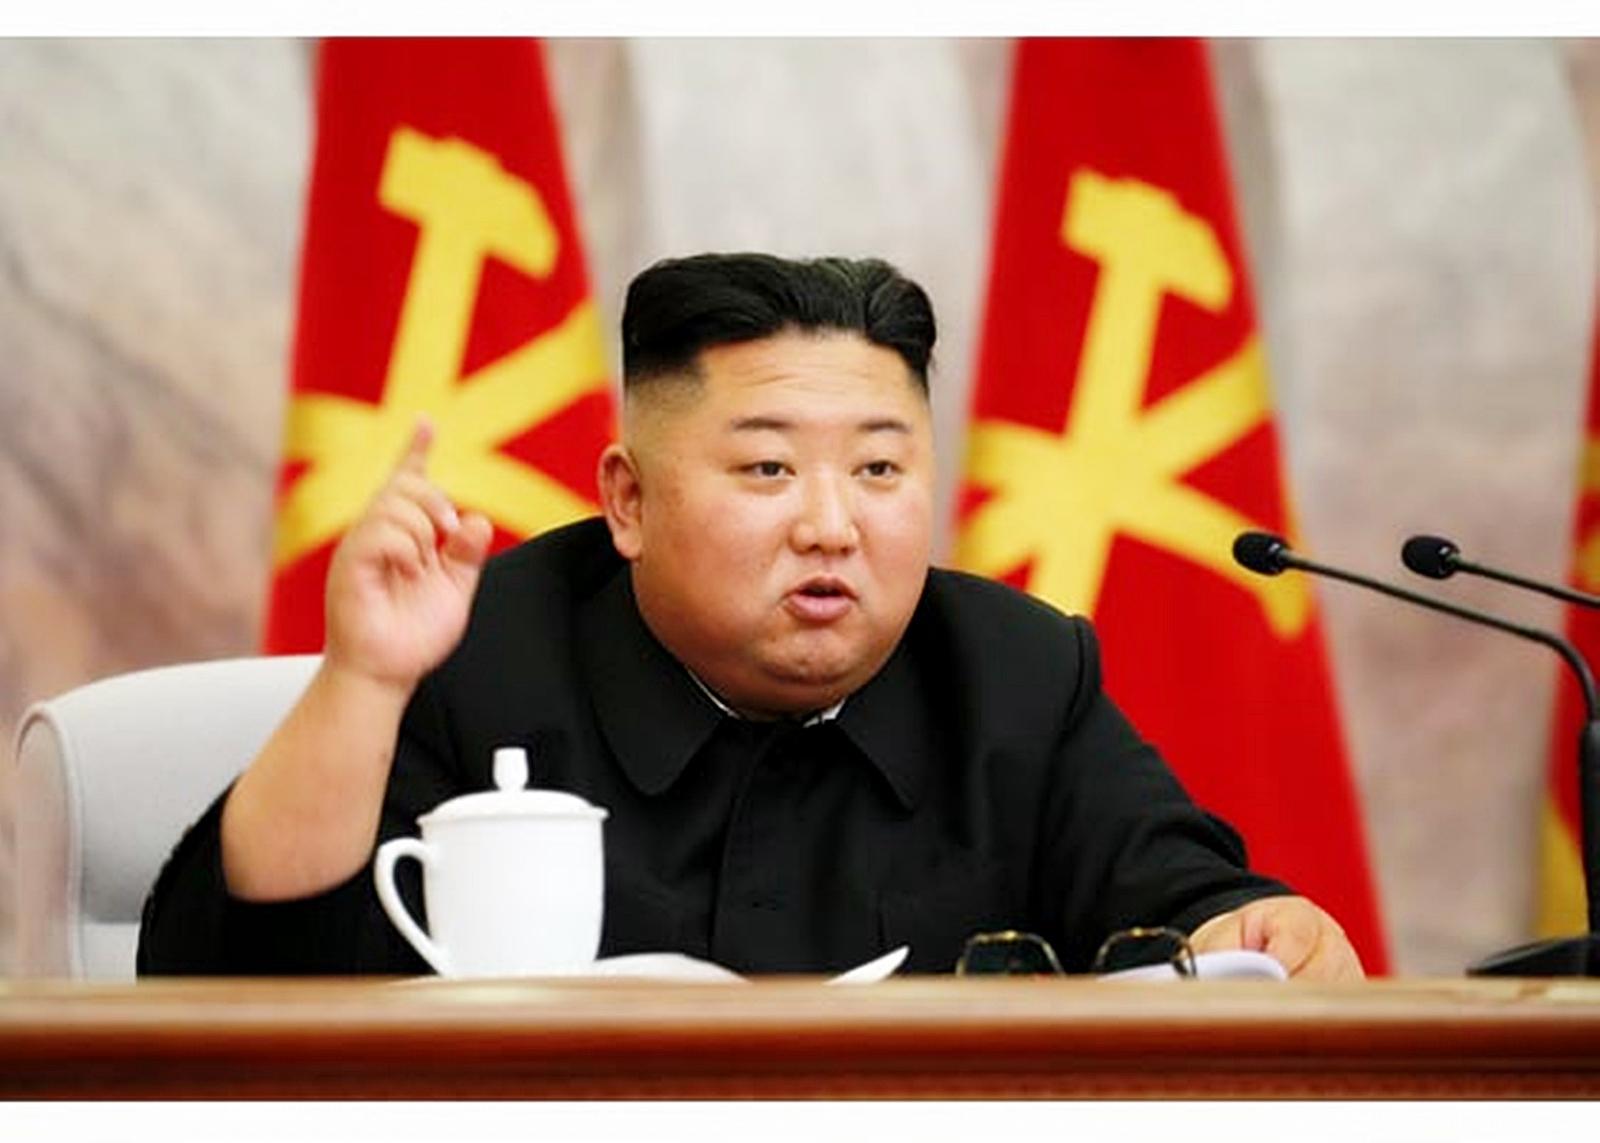 북한은 김정은 국무위원장이 주재한 가운데 당 중앙군사위원회 제7기 제4차 확대회의를 열었다고 북한매체들이 24일 보도했다. 사진은 회의를 주재하며 발언하고 있는 김정은 국무위원장. 사진 노동신문 홈페이지 캡처